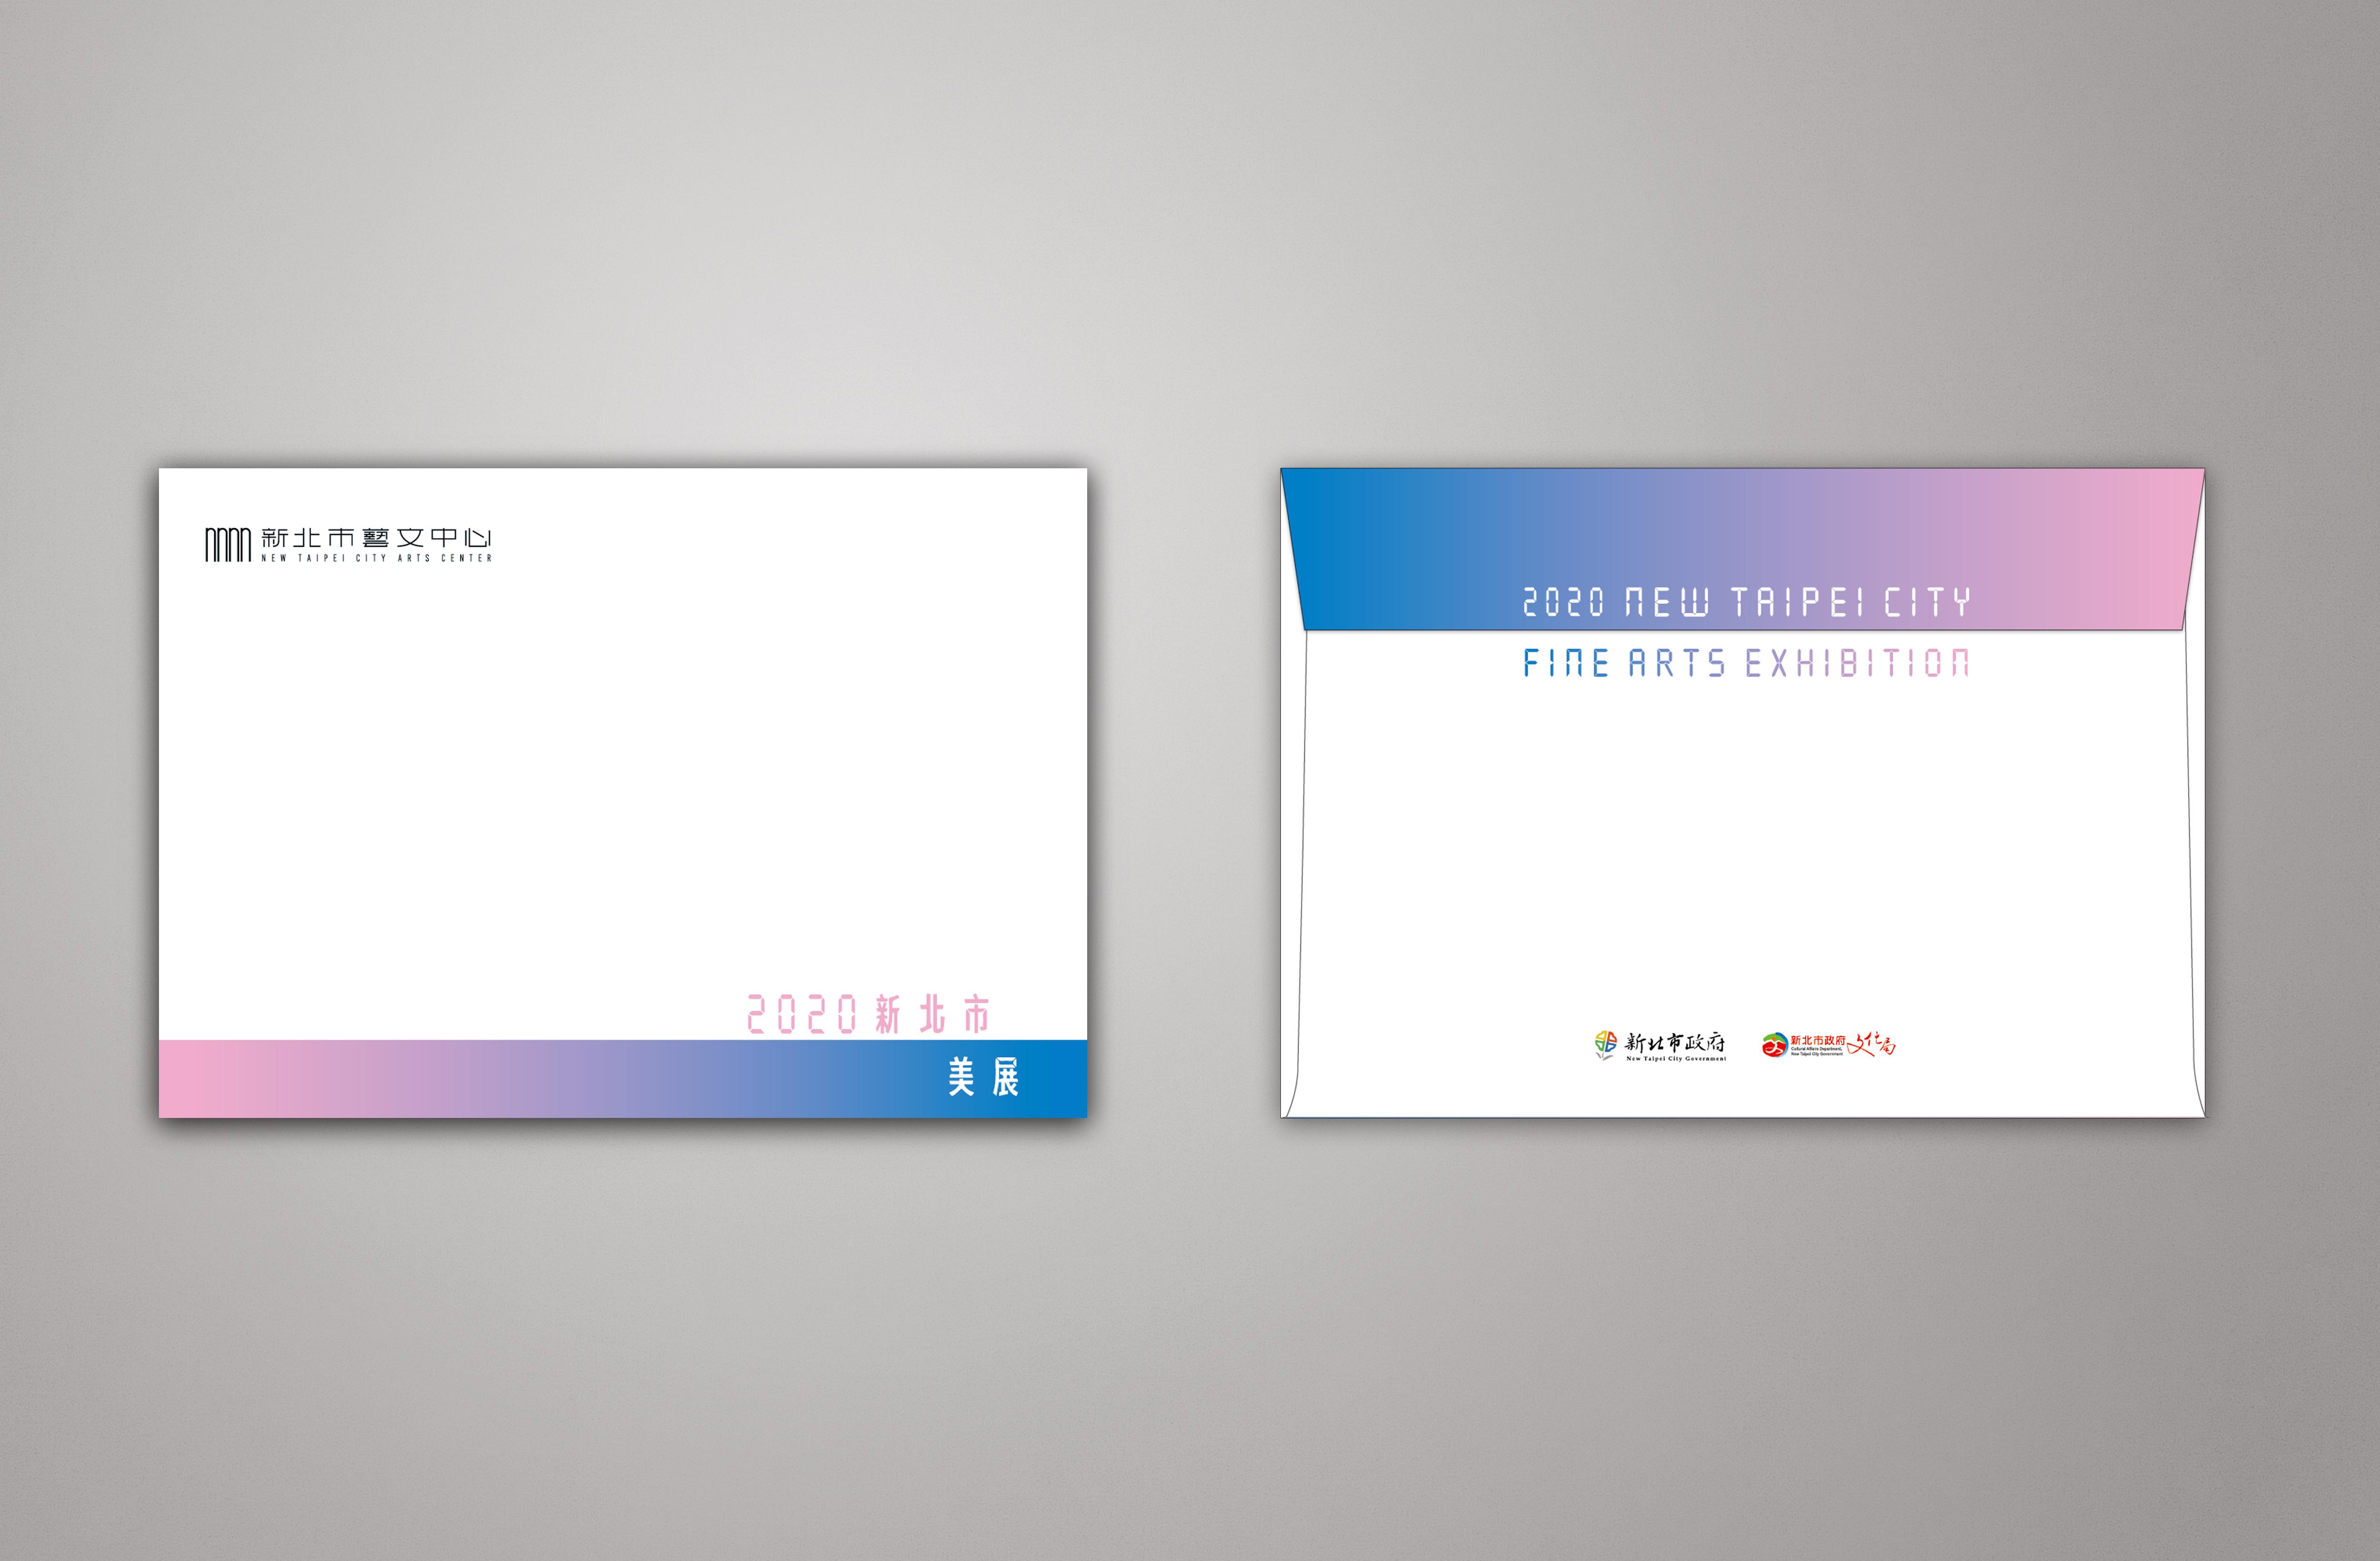 2020新北市美展-邀請卡信封設計